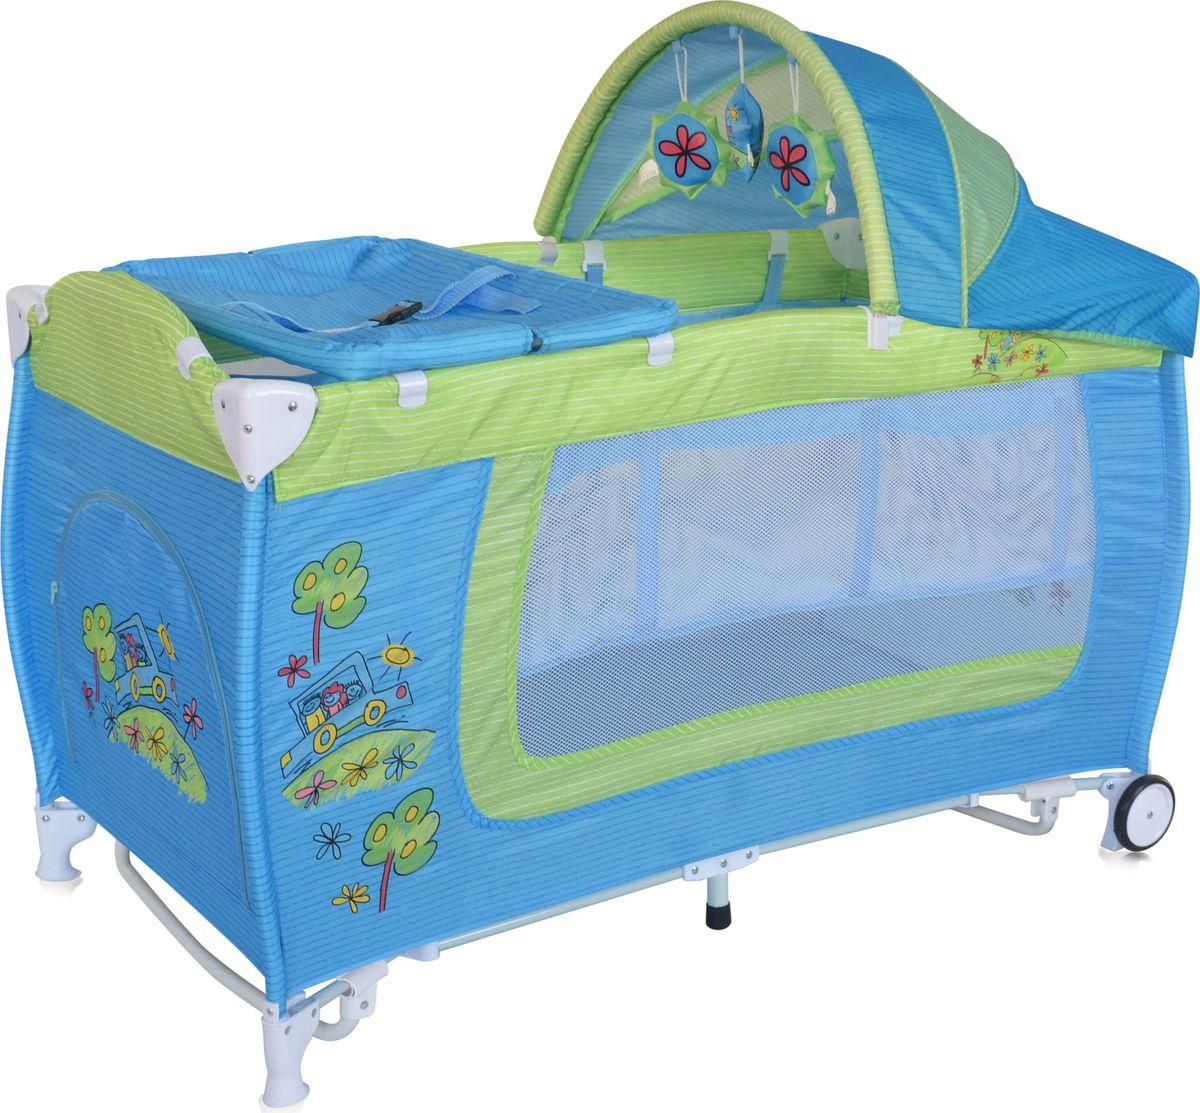 Lorelli Манеж Danny 2 Rocker цвет синий зеленый roxy kids козырек защитный для мытья головы rbc 492 g зеленый от 6 месяцев до 3 лет